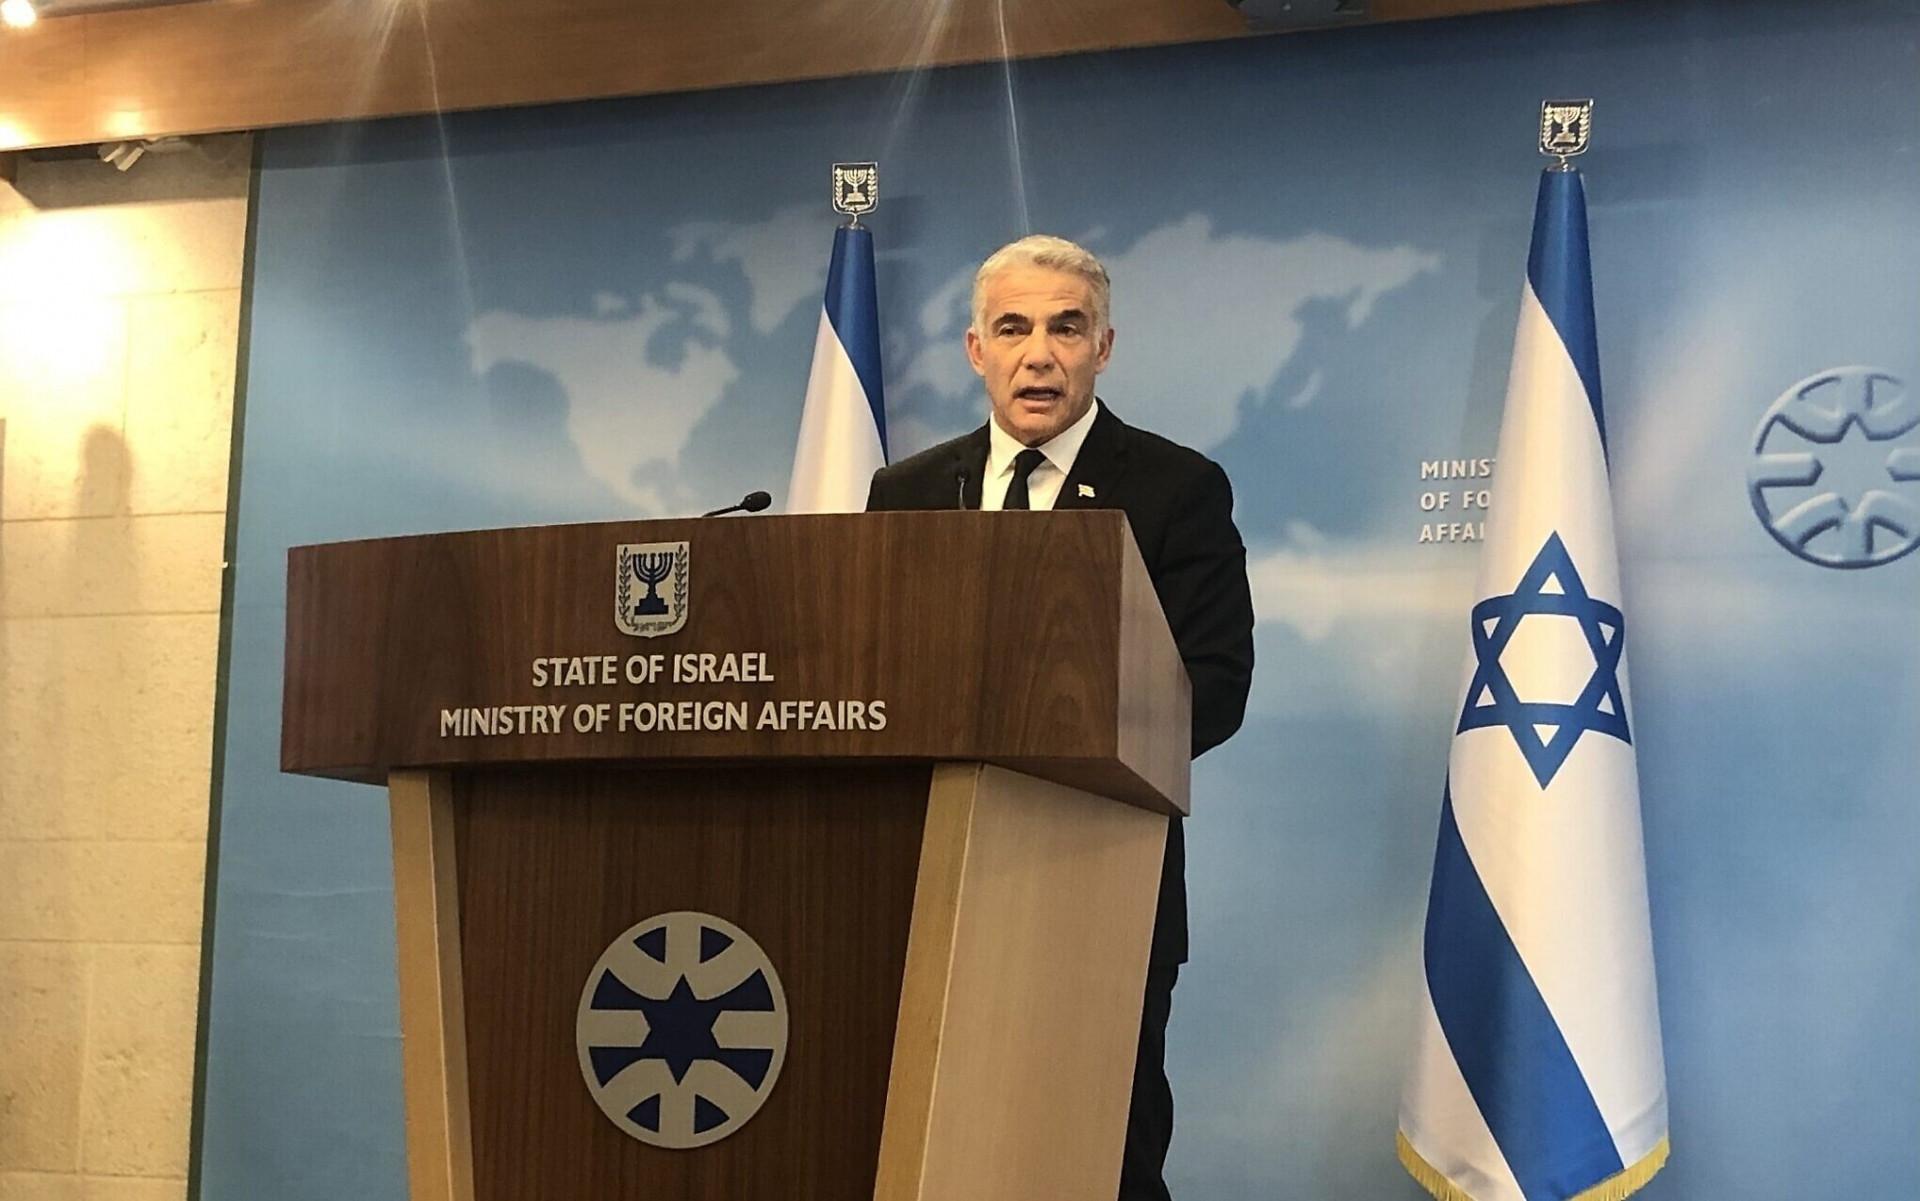 Ngoại trưởng Israel Yair Lapid phát biểu tại cuộc họp báo ở Bộ Ngoại giao, ngày 25/7. (Nguồn: Times of Israel)